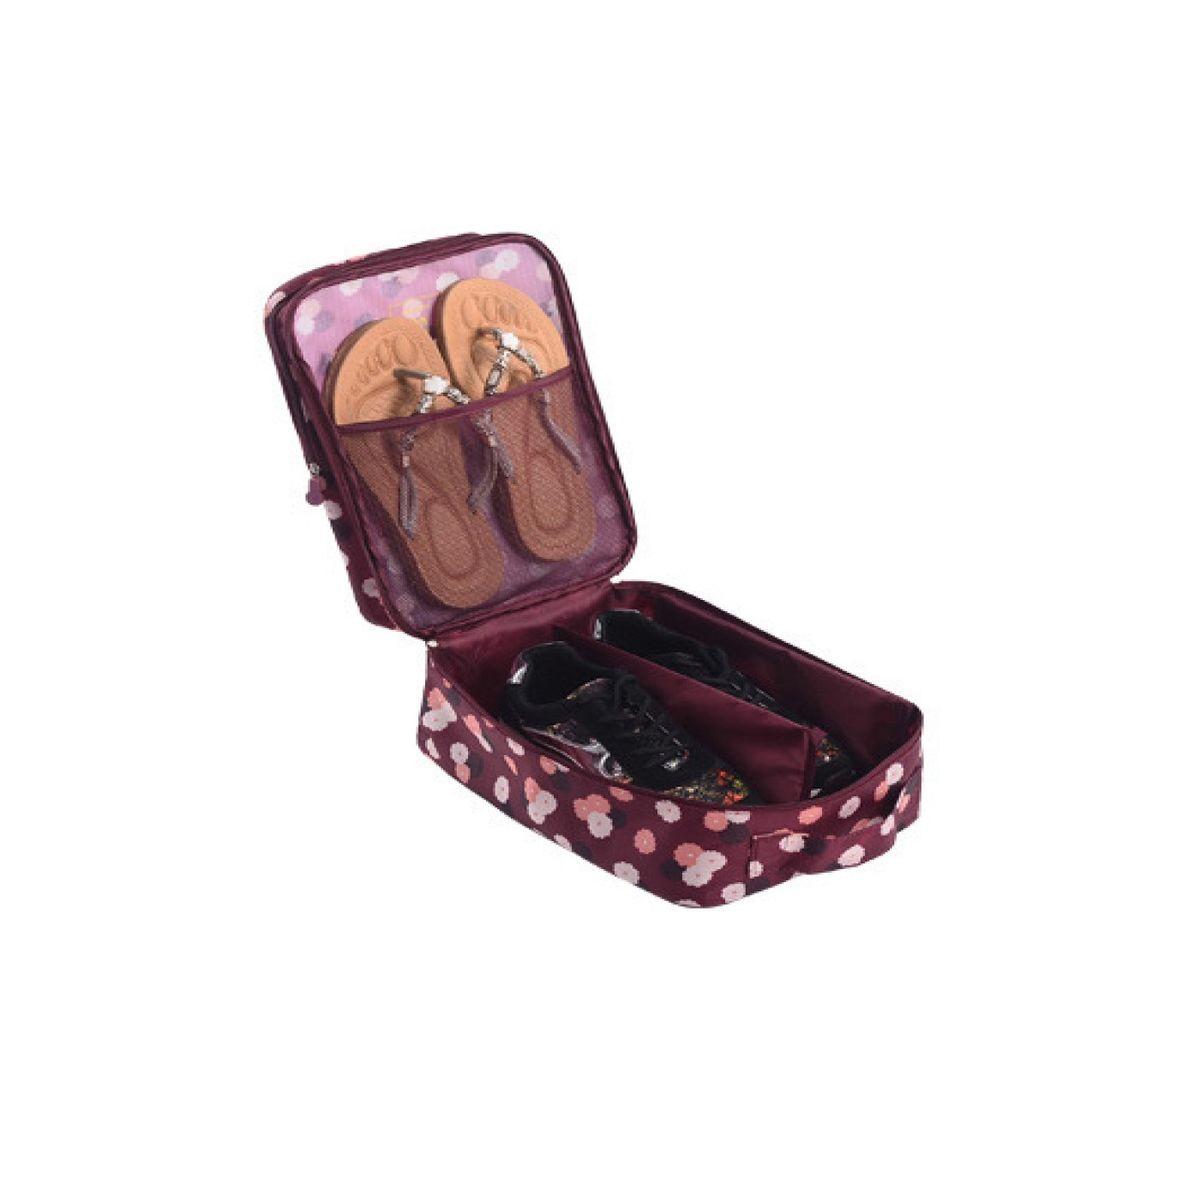 Органайзер для обуви Homsu Цветок, цвет: бордовый, белый, розовый, 32 x 20 x 13 смHOM-411Органайзер для обуви Homsu Цветок изготовлен из 100% полиэстера. Экономичная замена пластиковым пакетам и громоздким коробкам. Органайзер закрывается на молнию. Имеется ручка для удобной переноски. Внутри органайзер разделен на 2 отделения для обуви с дополнительным сетчатым кармашком. Очень компактный и очень удобный, такой органайзер поможет вам хранить обувь в чистоте и порядке. Размер: 32 х 20 х 13 см.